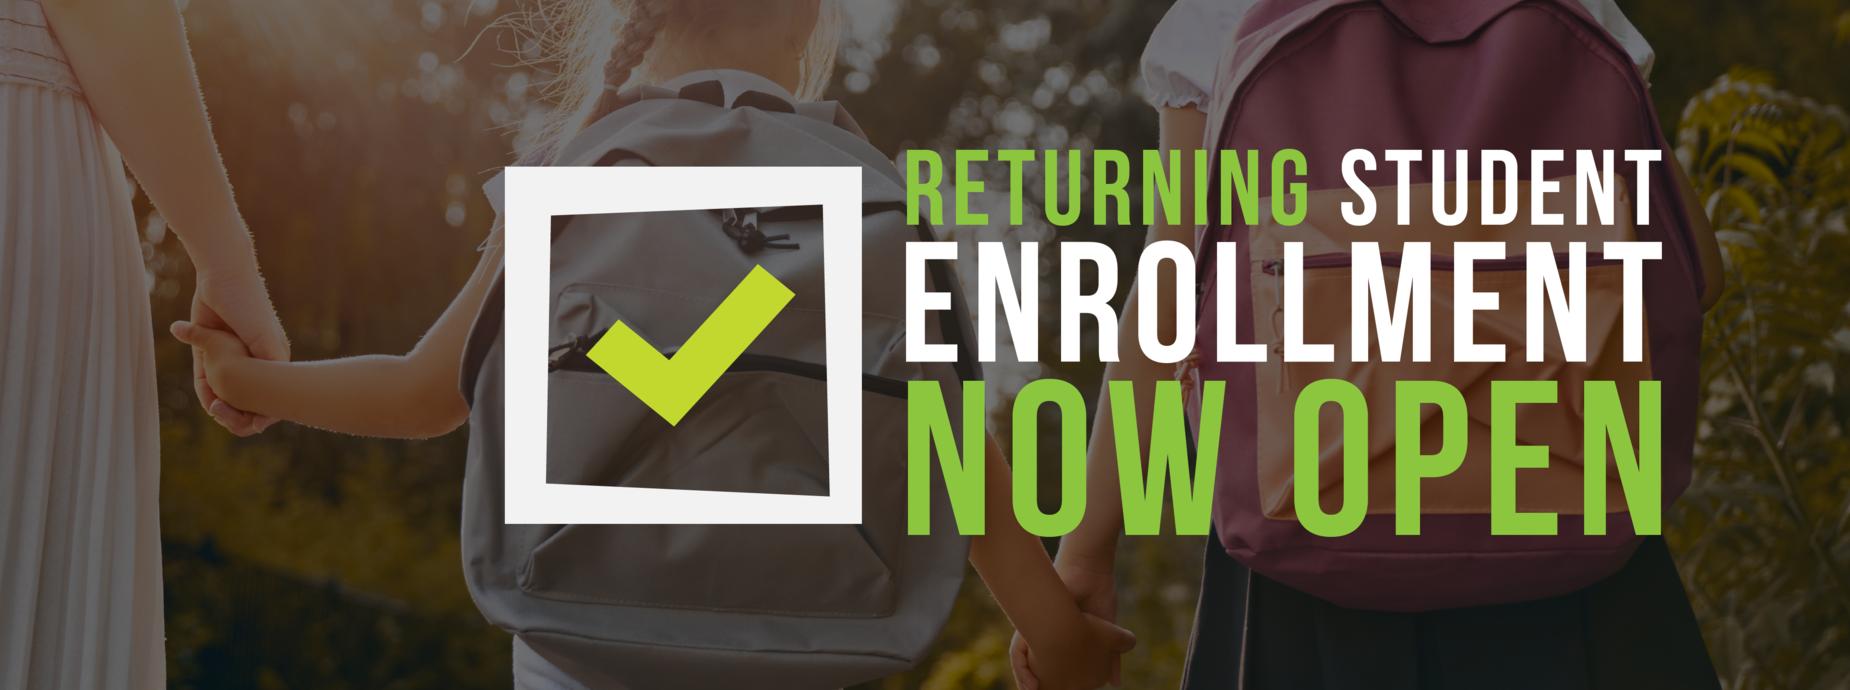 Returning Student Enrollment Now Open Banner